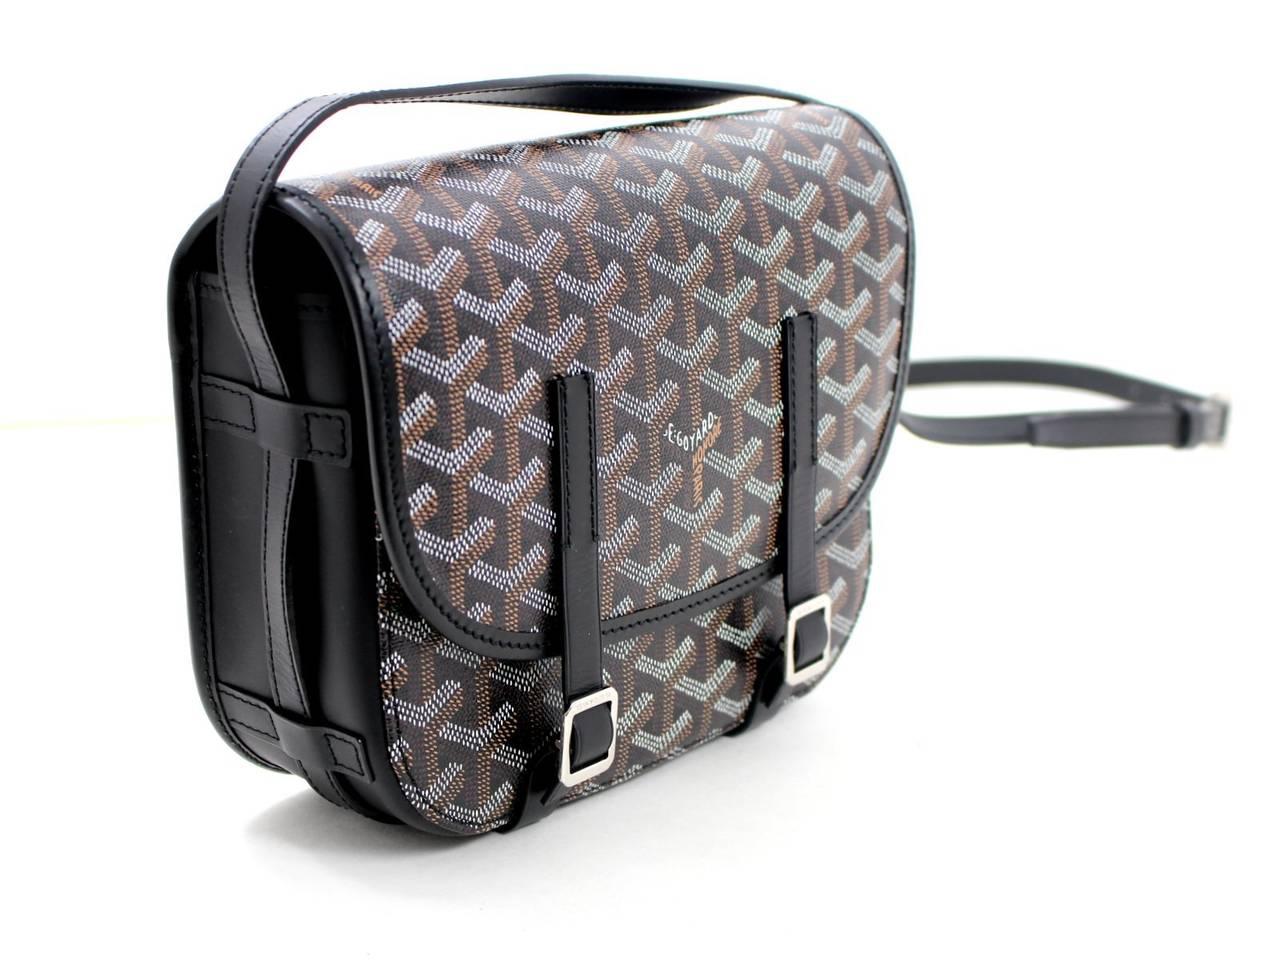 Goyard Black Belvedere Small Messenger Bag at 1stdibs